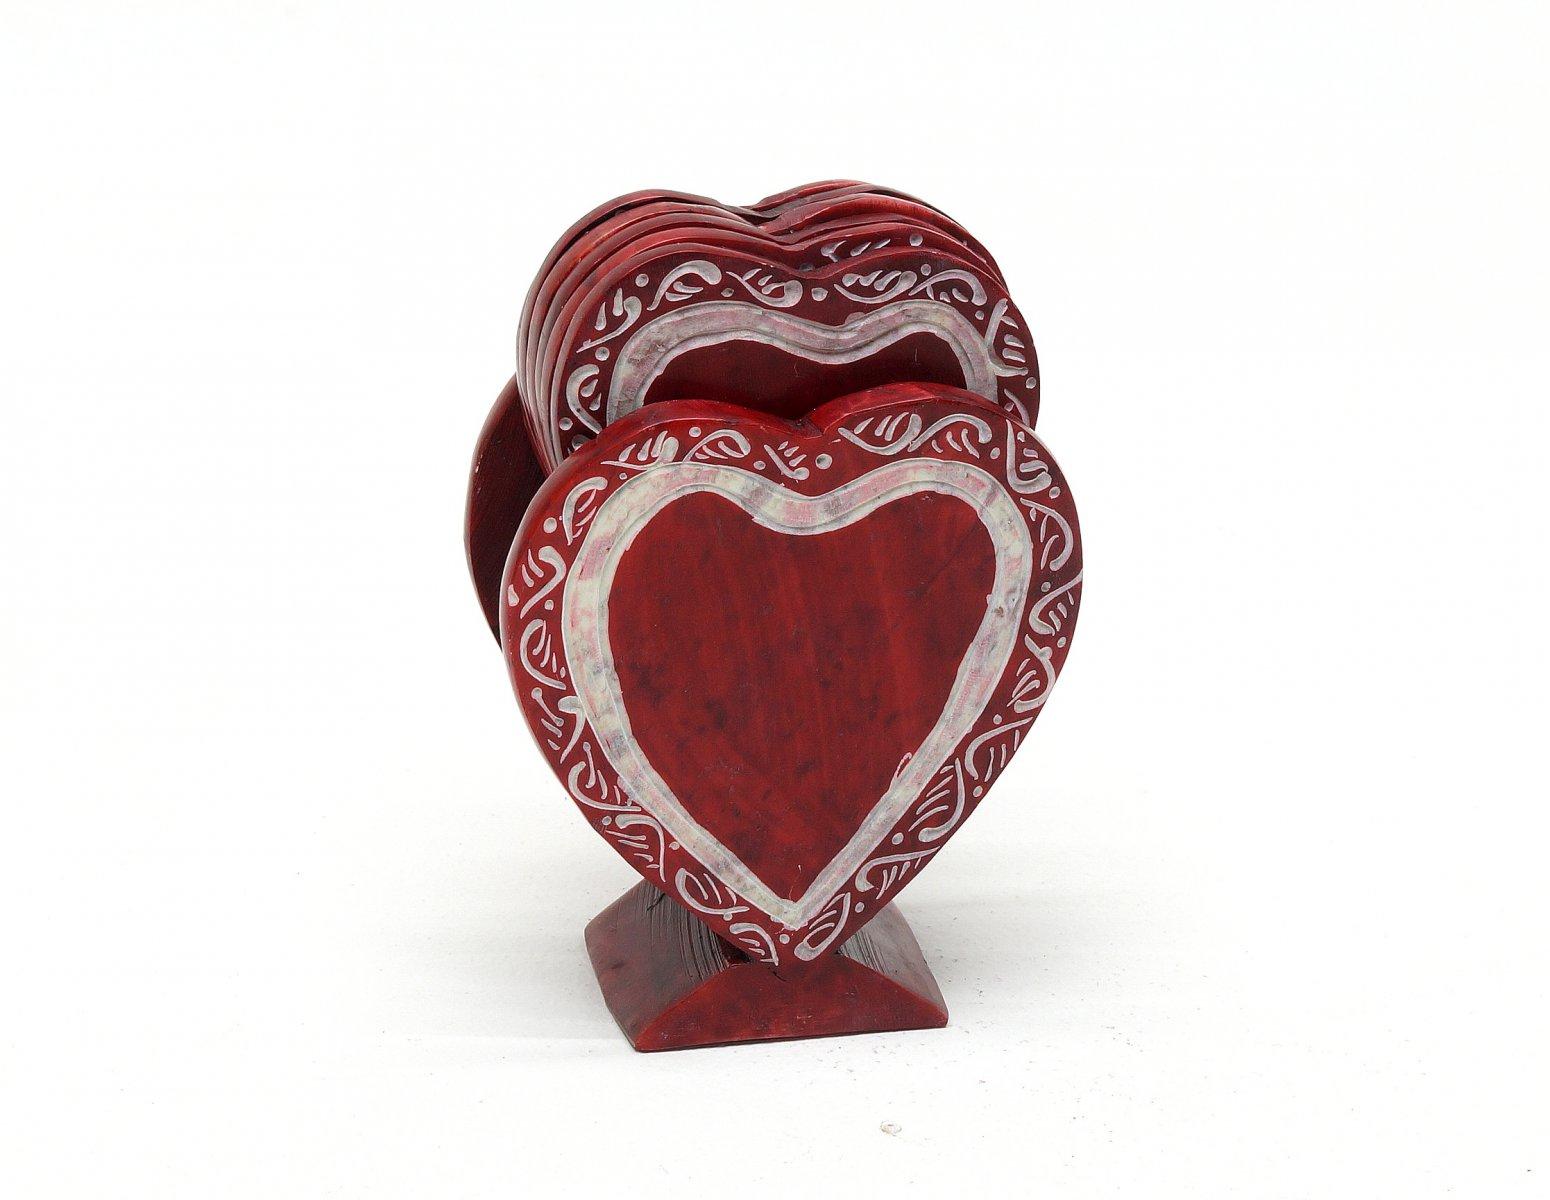 Podstawki indyjskie pod szklanki kubek z kamienia motyw serca